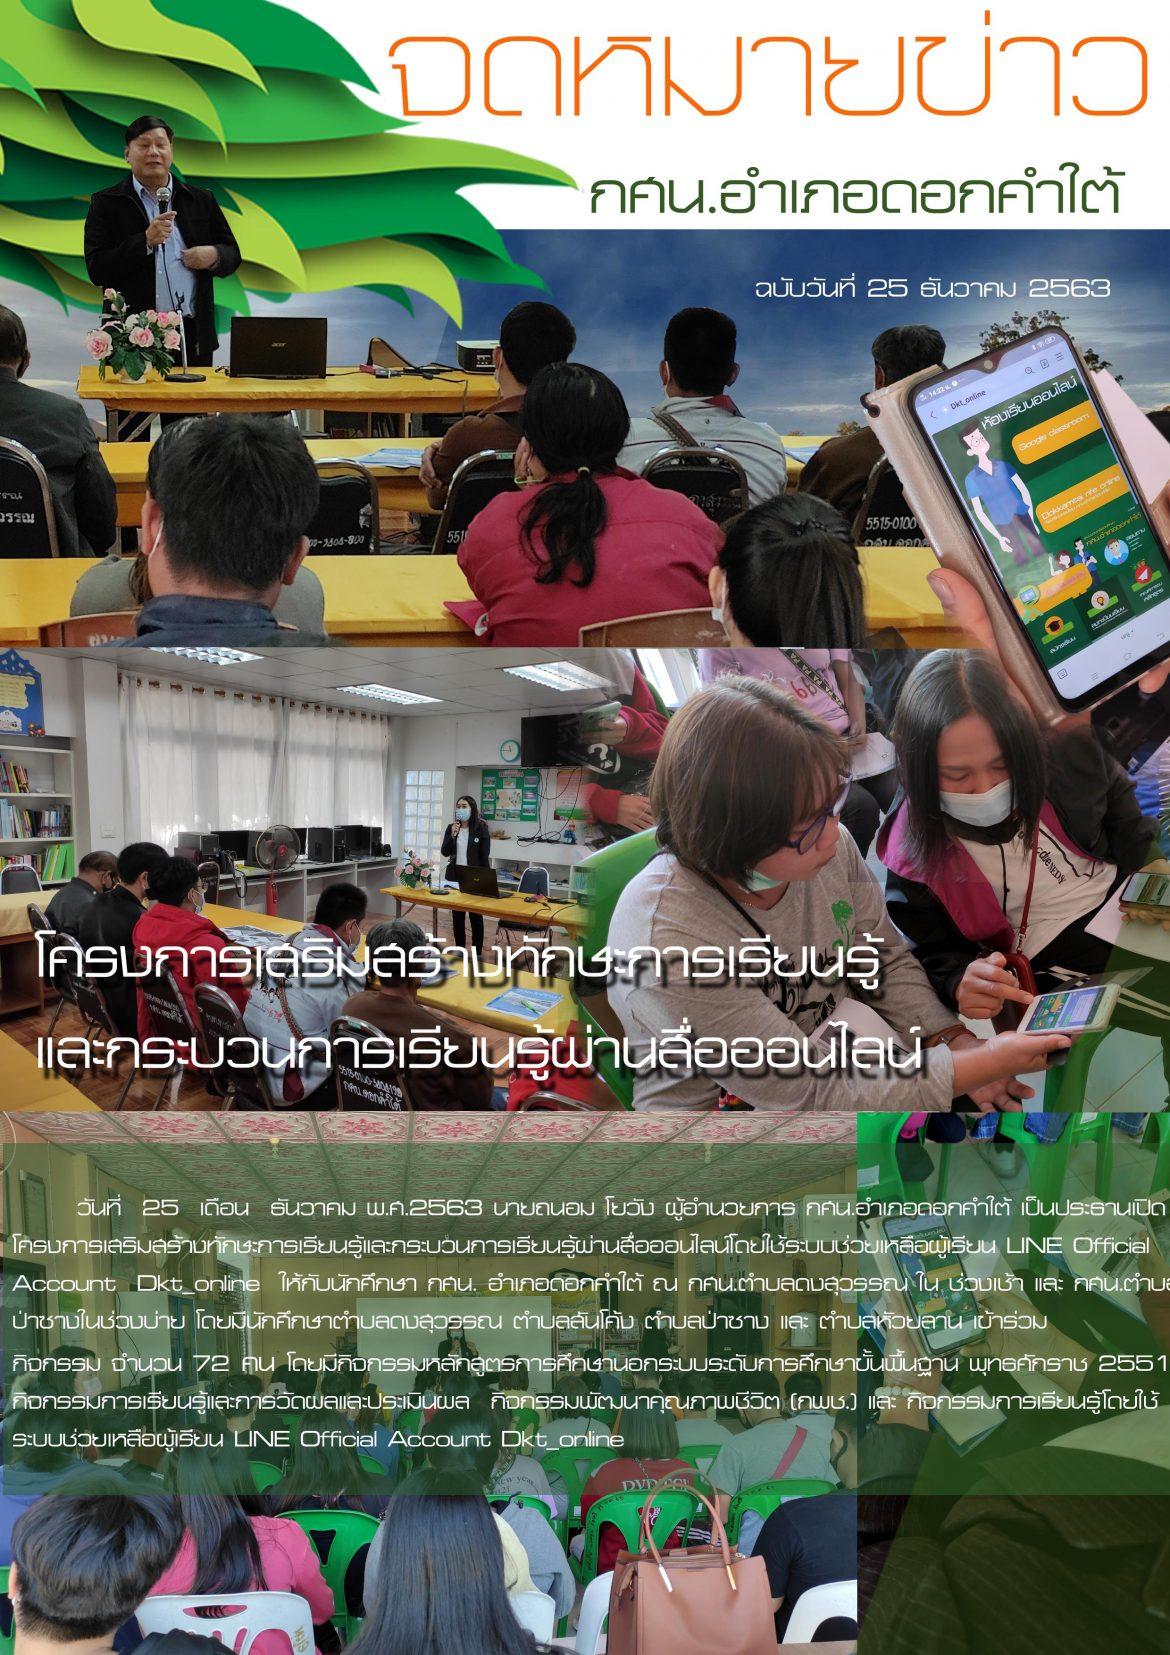 โครงการเสริมสร้างทักษะการเรียนรู้และกระบวนการเรียนรู้ผ่านสื่อออนไลน์